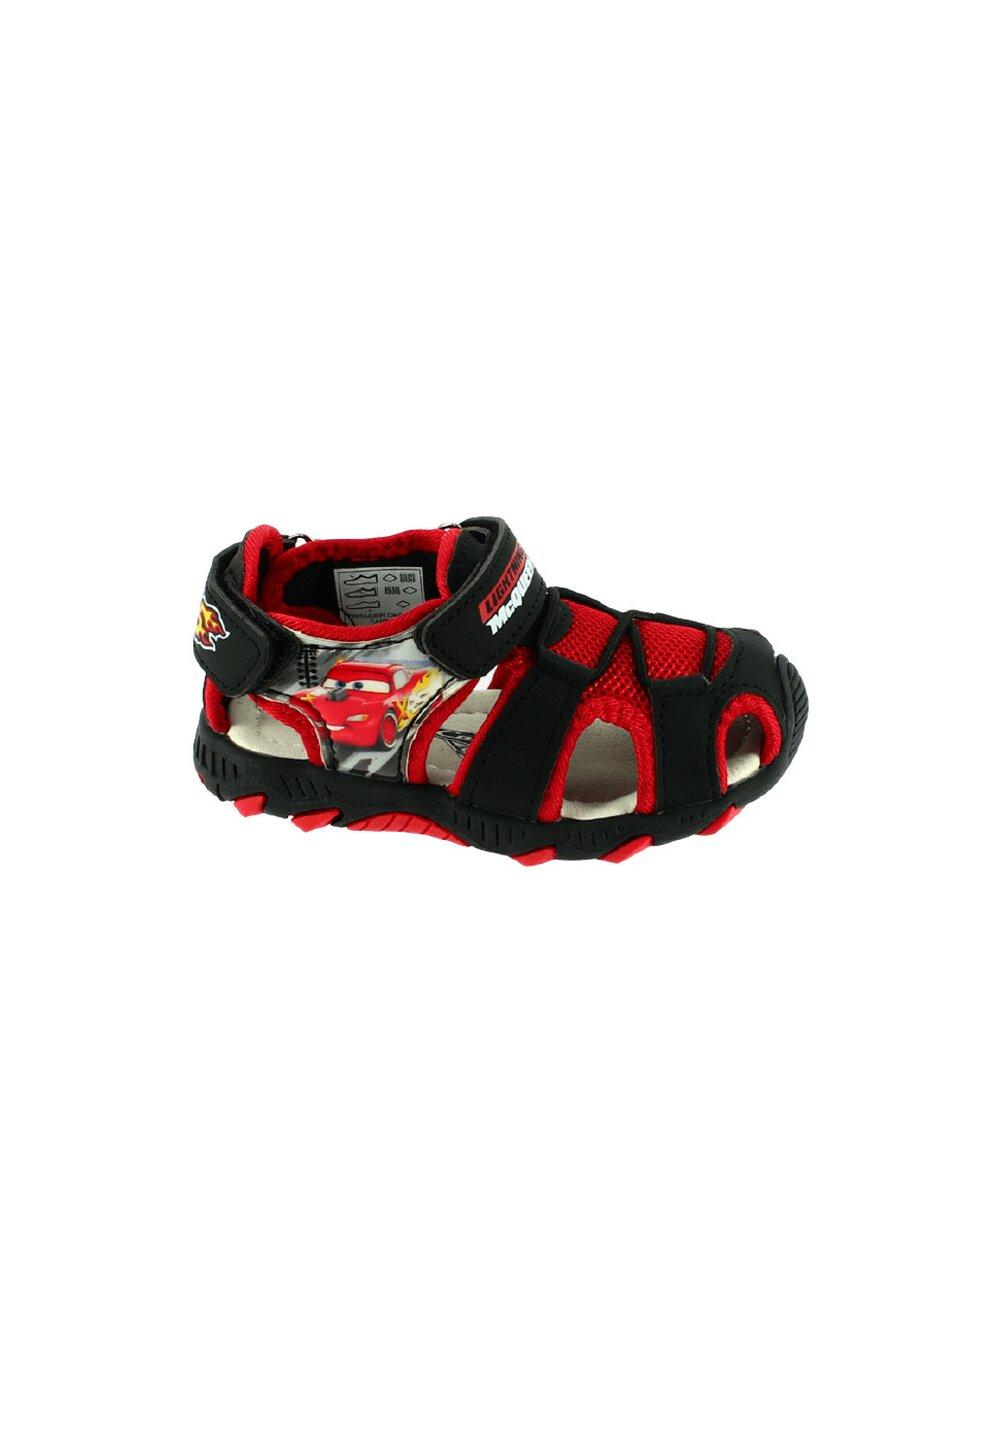 Sandale cu siret, McQueen 95, negru cu rosu